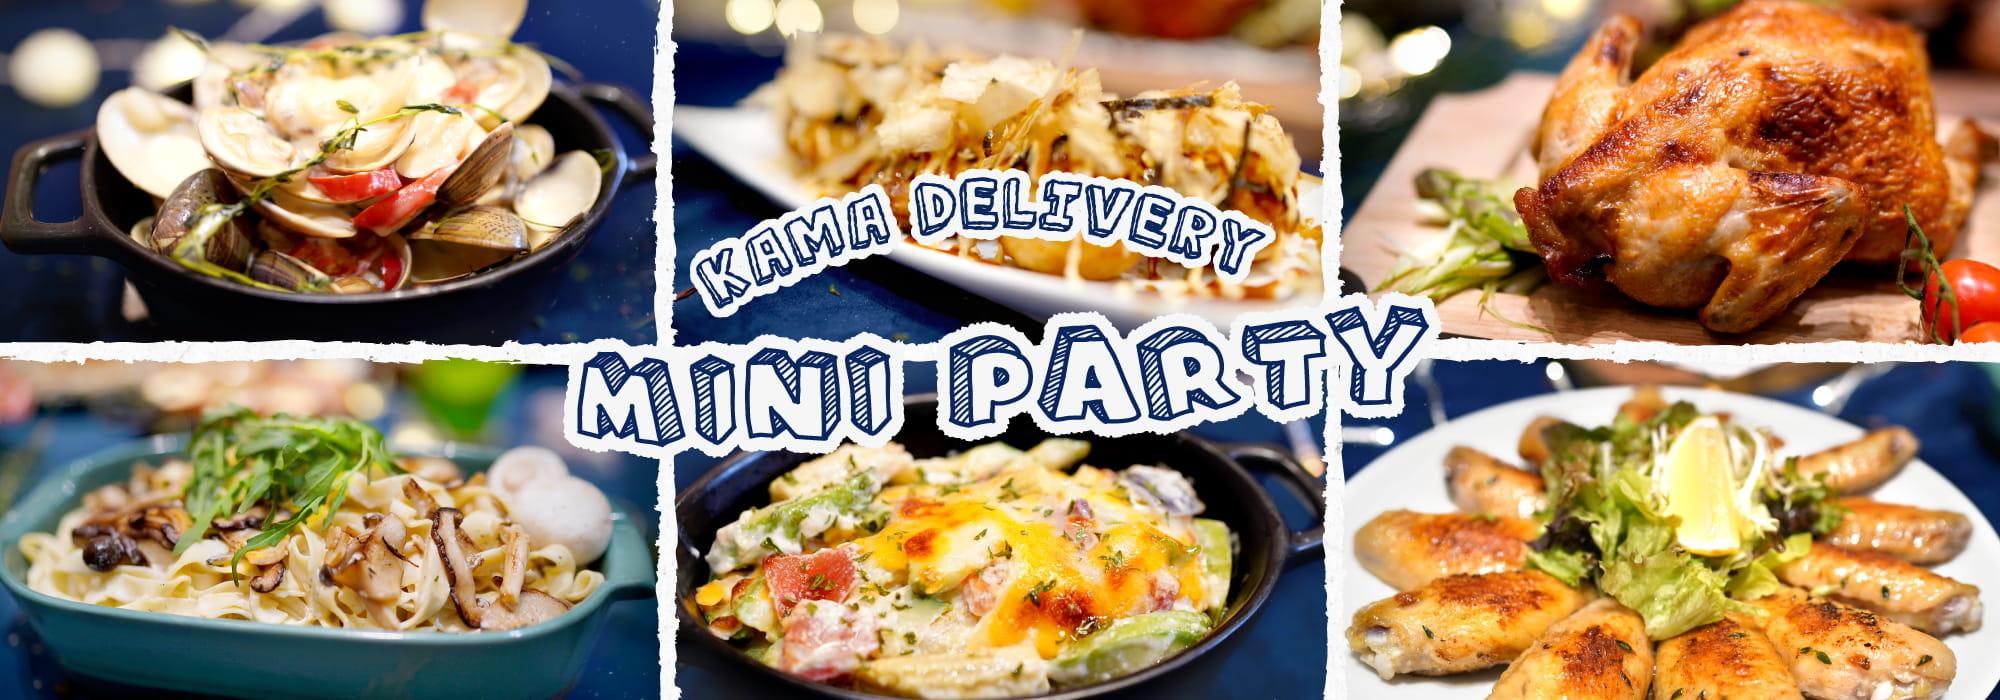 家庭聚會Party Food到會推介|美食到會外賣套餐|Kama Delivery Service